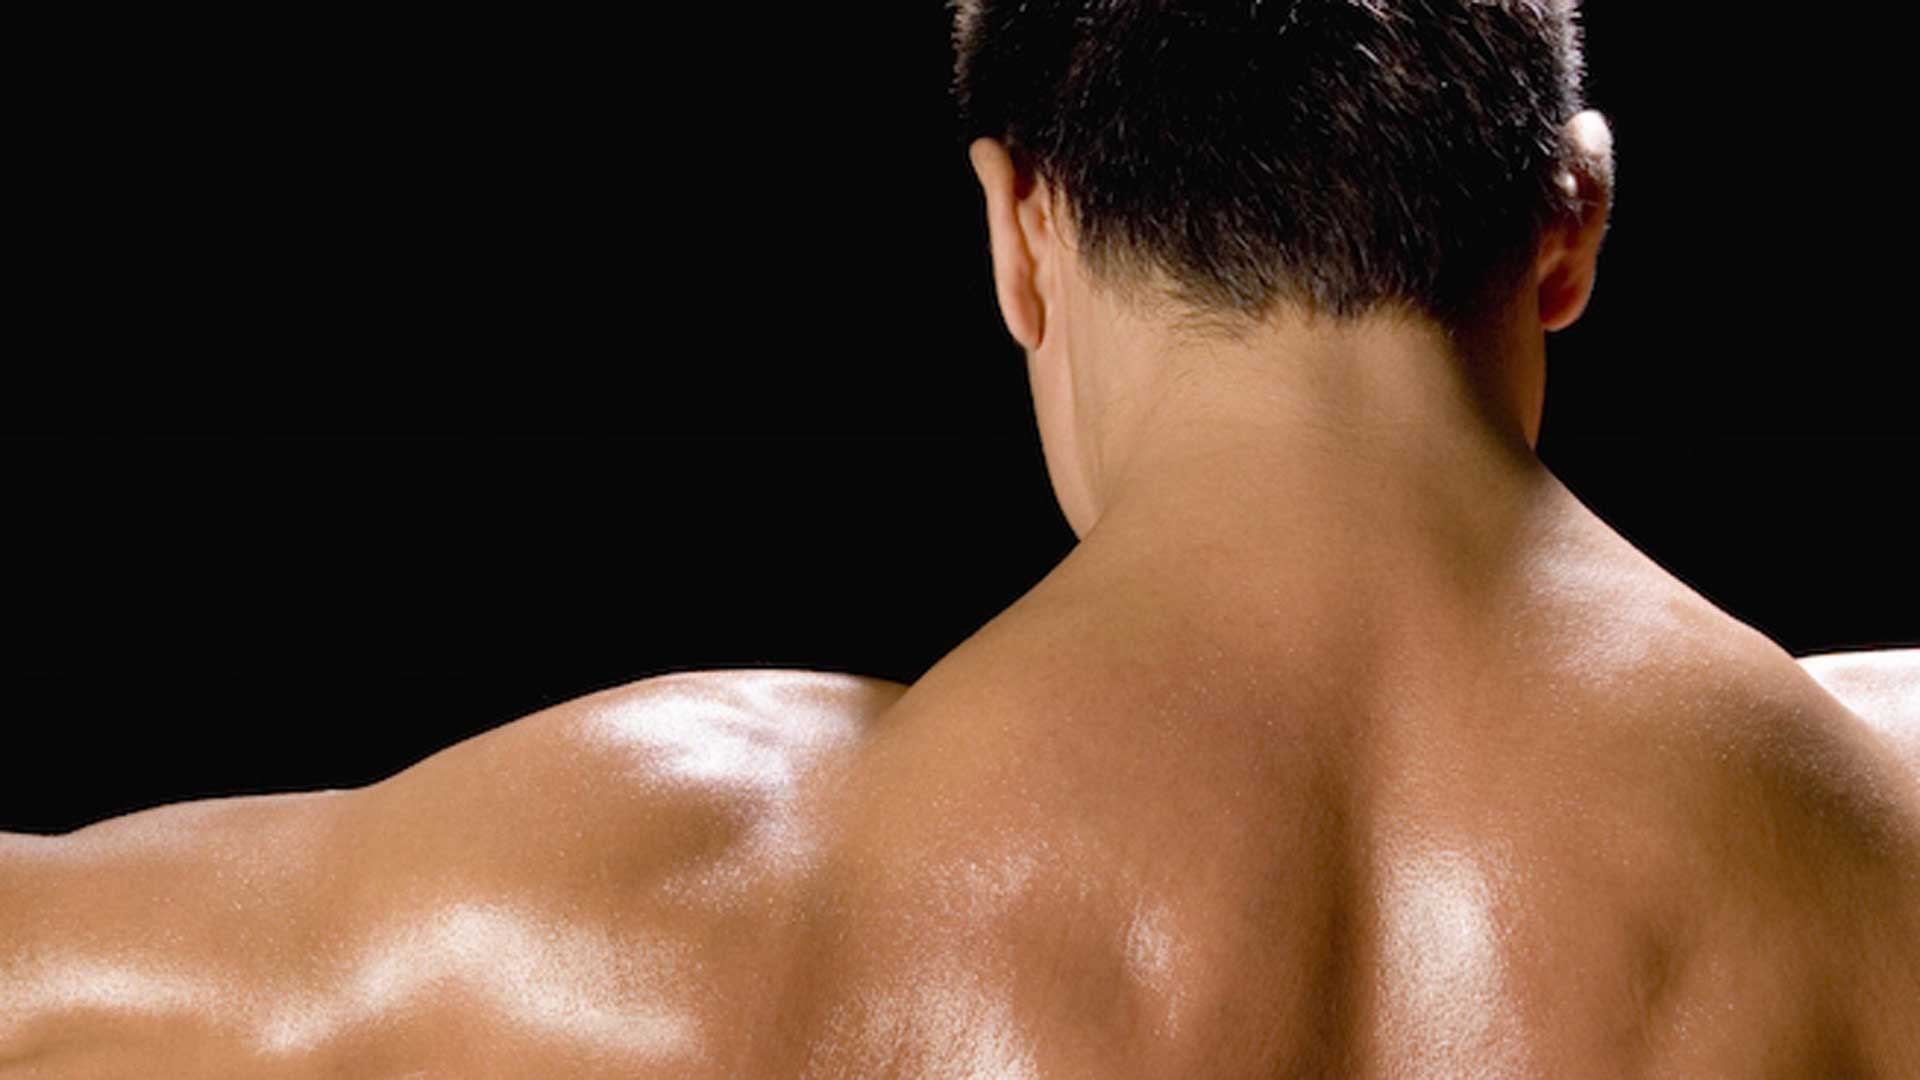 Упражнения для мышц шеи. Как накачать крепкую шею.